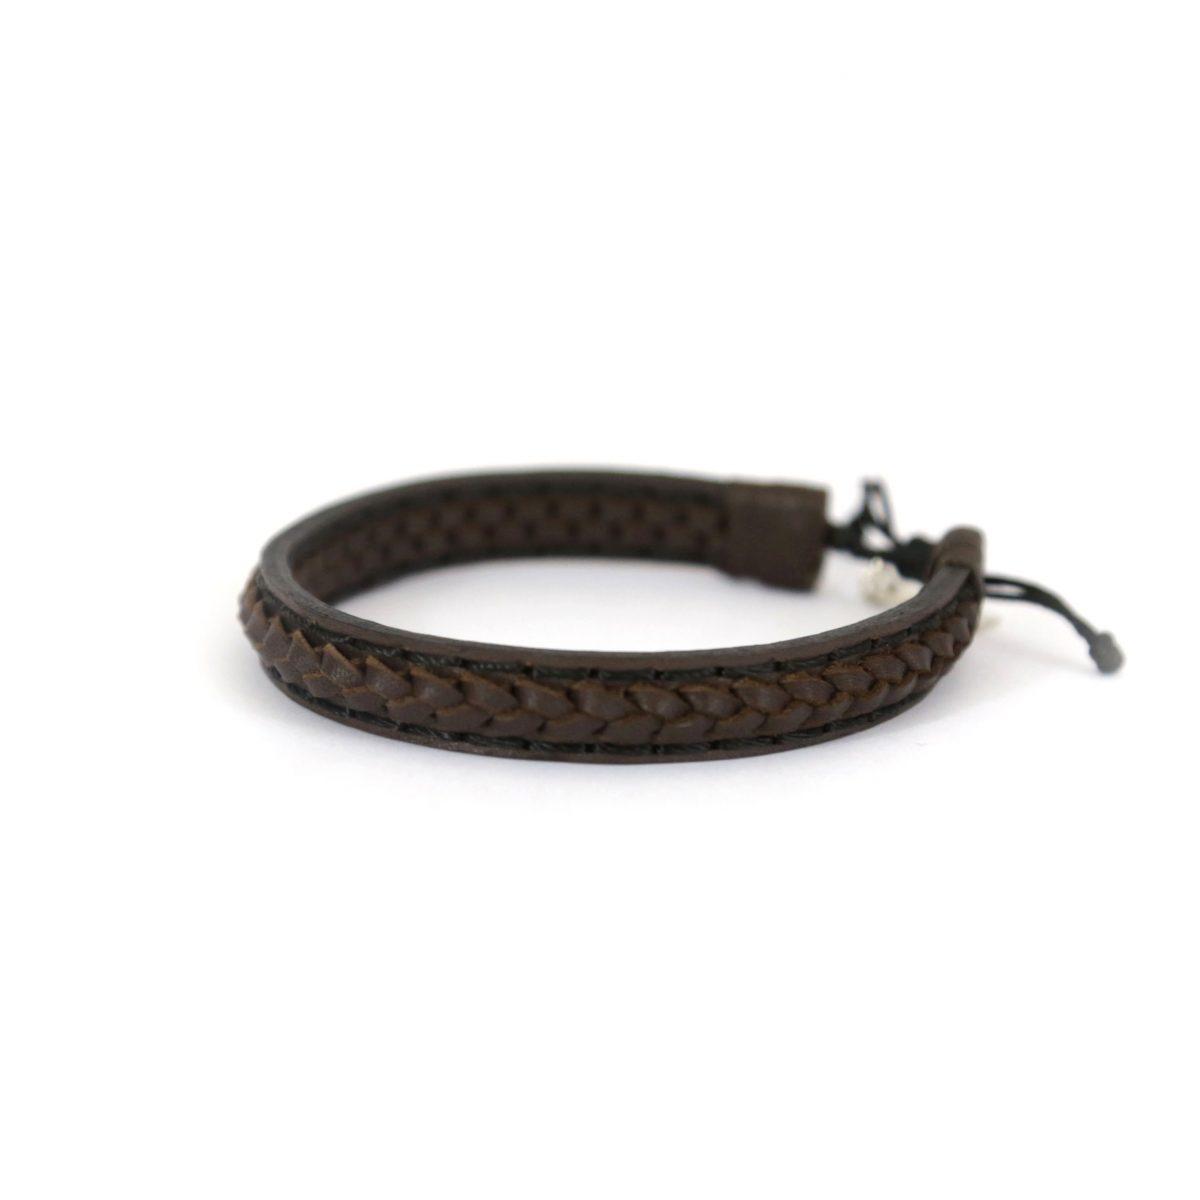 Bracelet en cuir véritable Deana et argent massif 925 - créateur de bijoux Perle de Jade